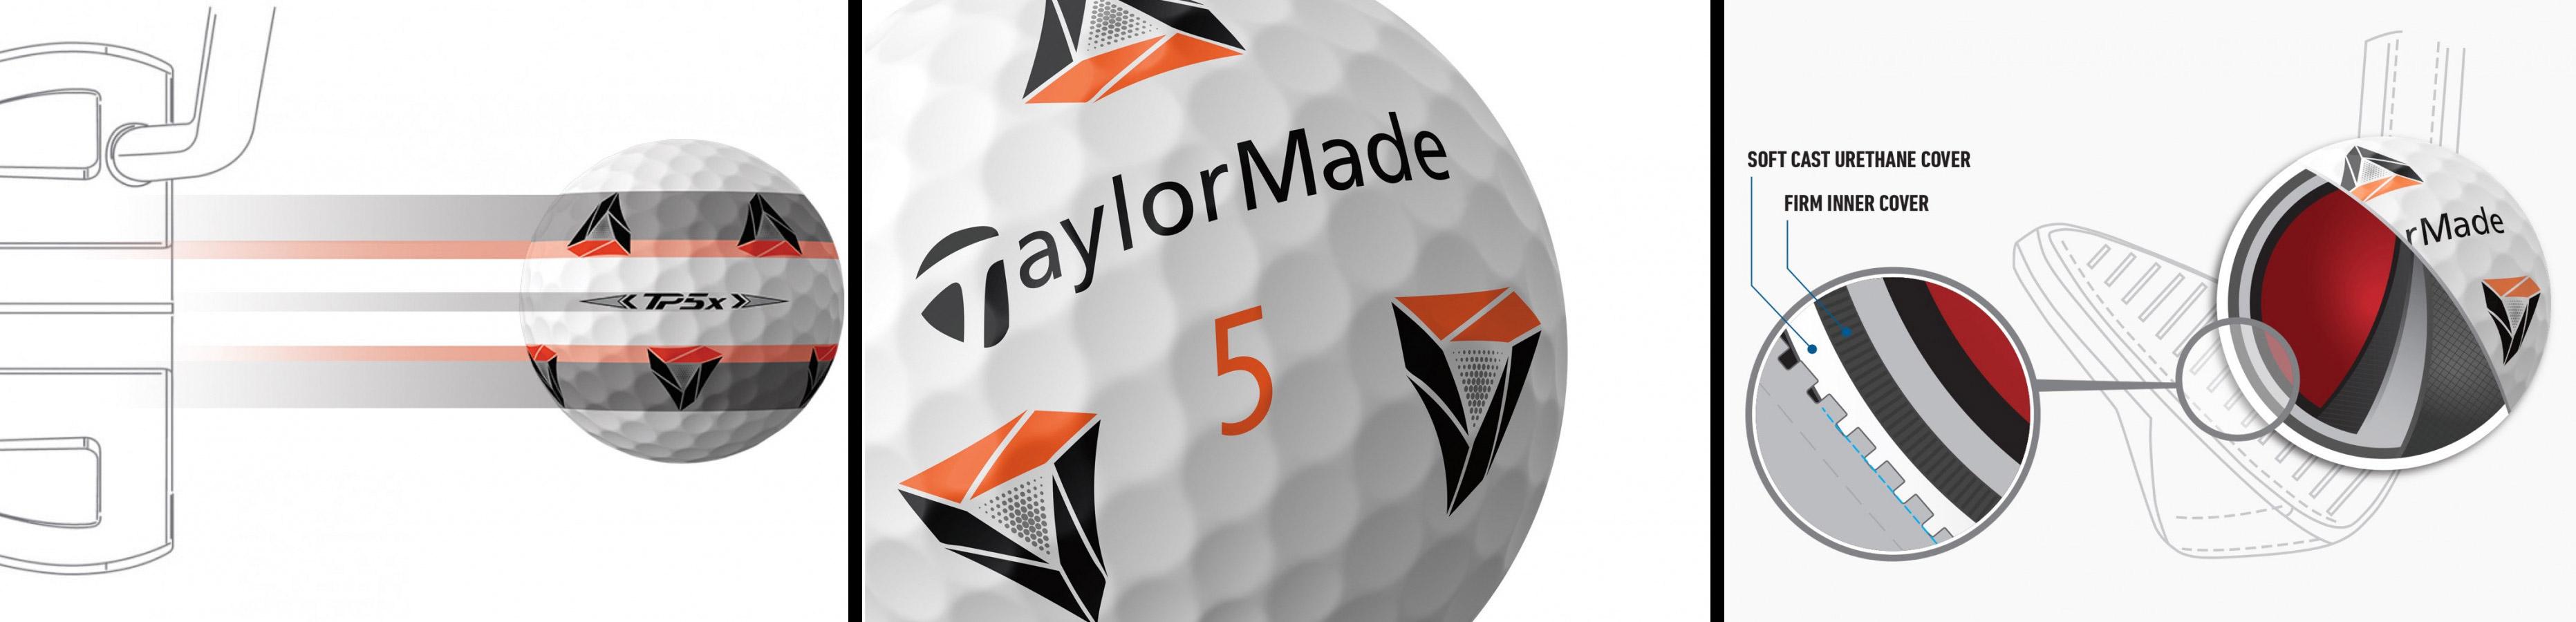 Balles de golf TP5X PIX Taylormade 2021